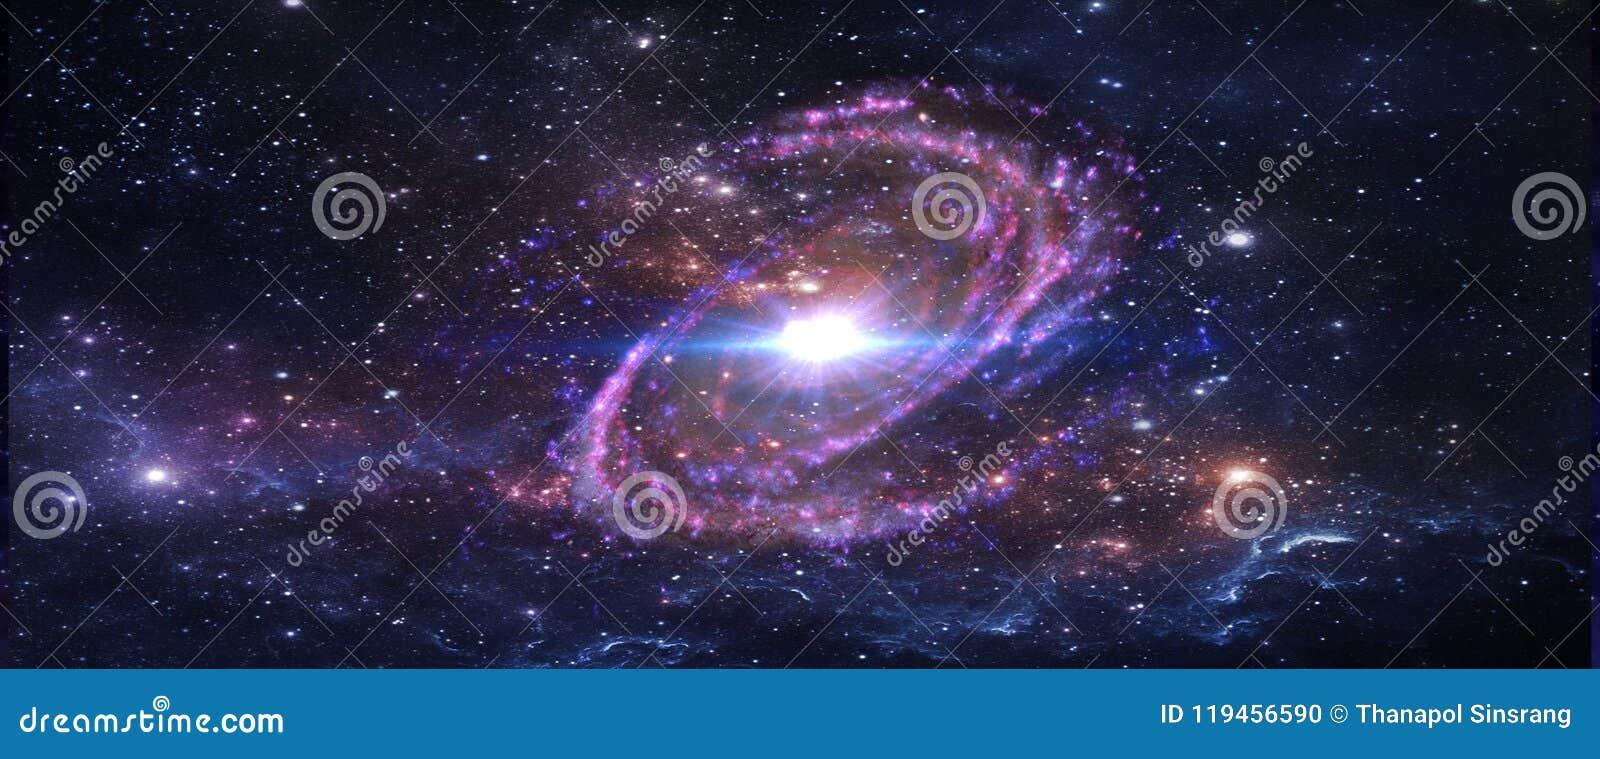 Планеты и галактики, обои научной фантастики Красота глубокого космоса